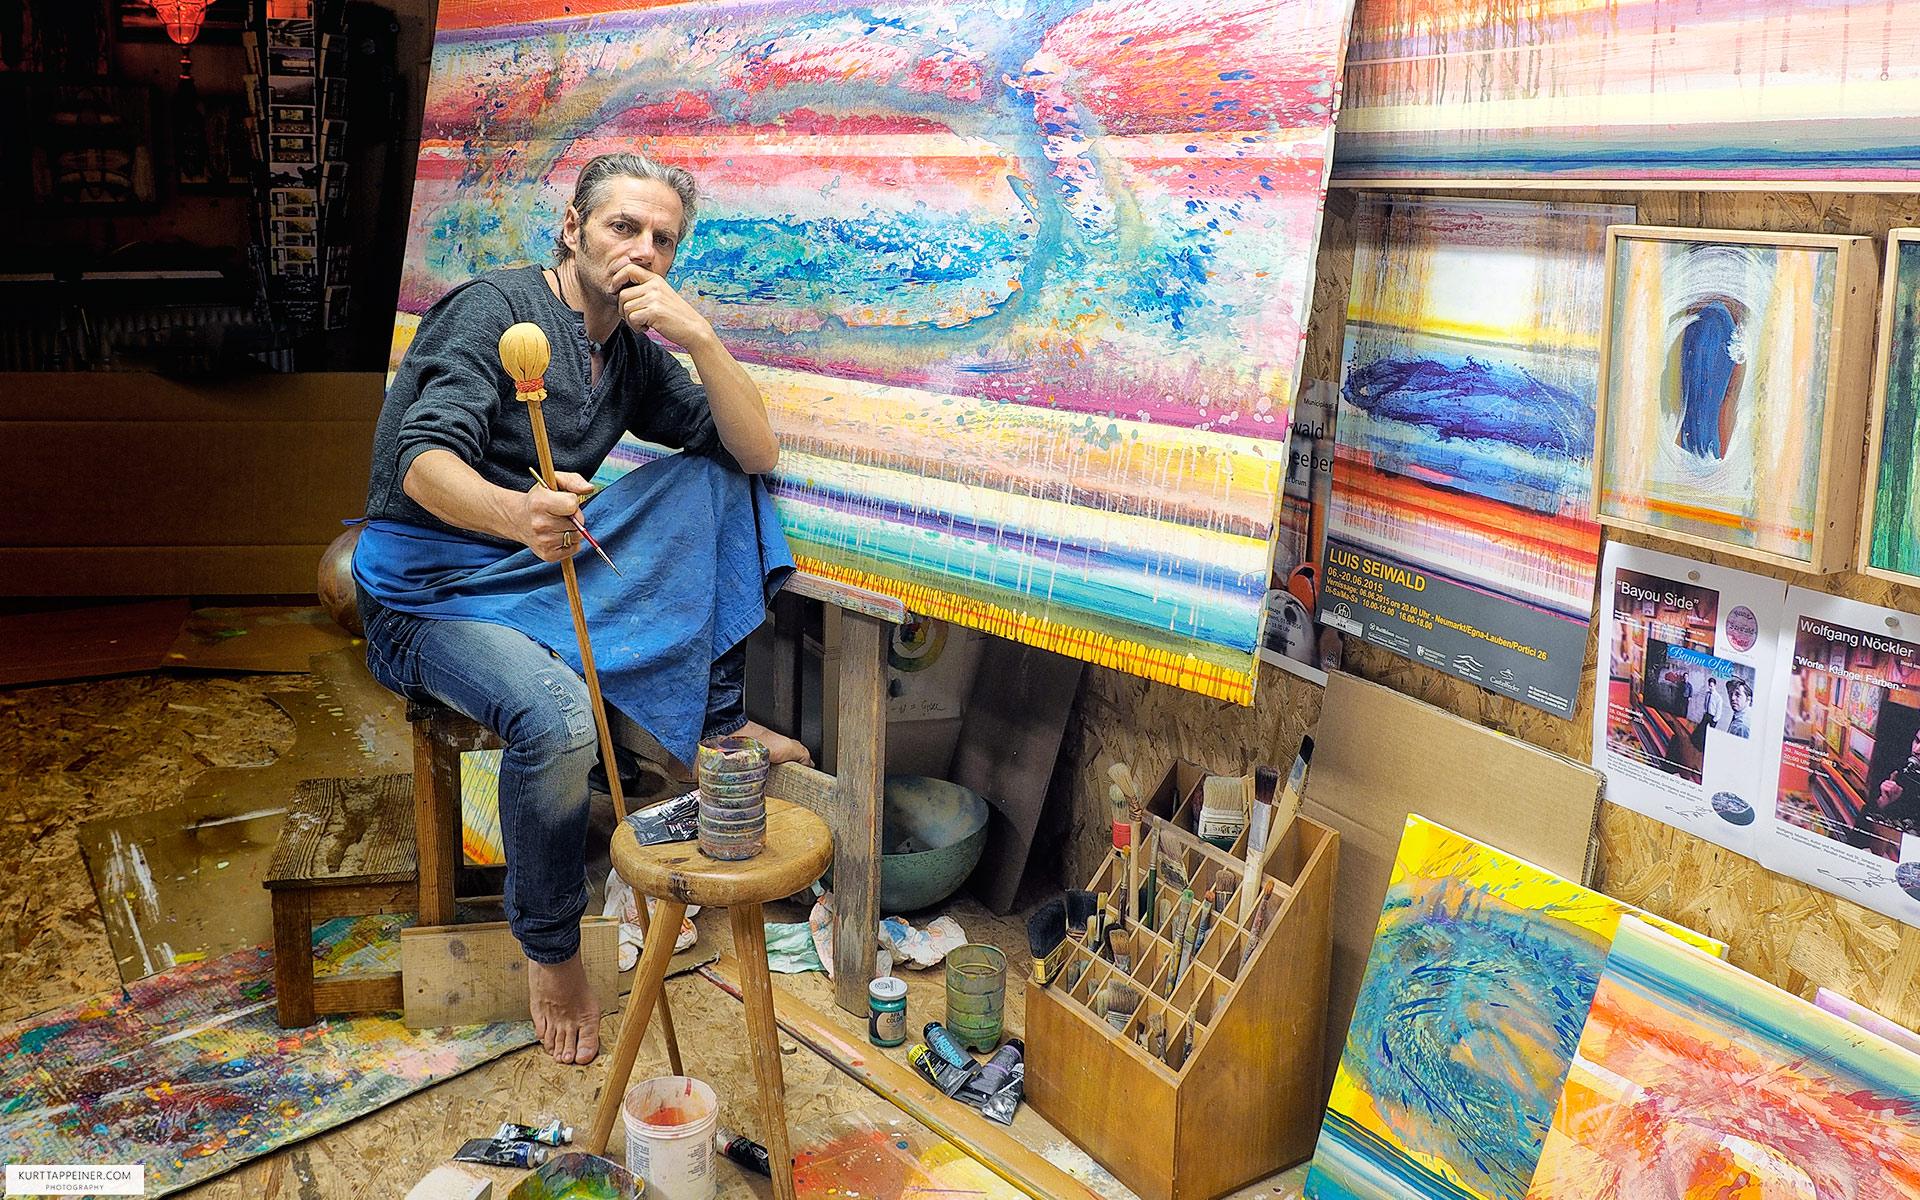 Luis Seiwald -  Artist